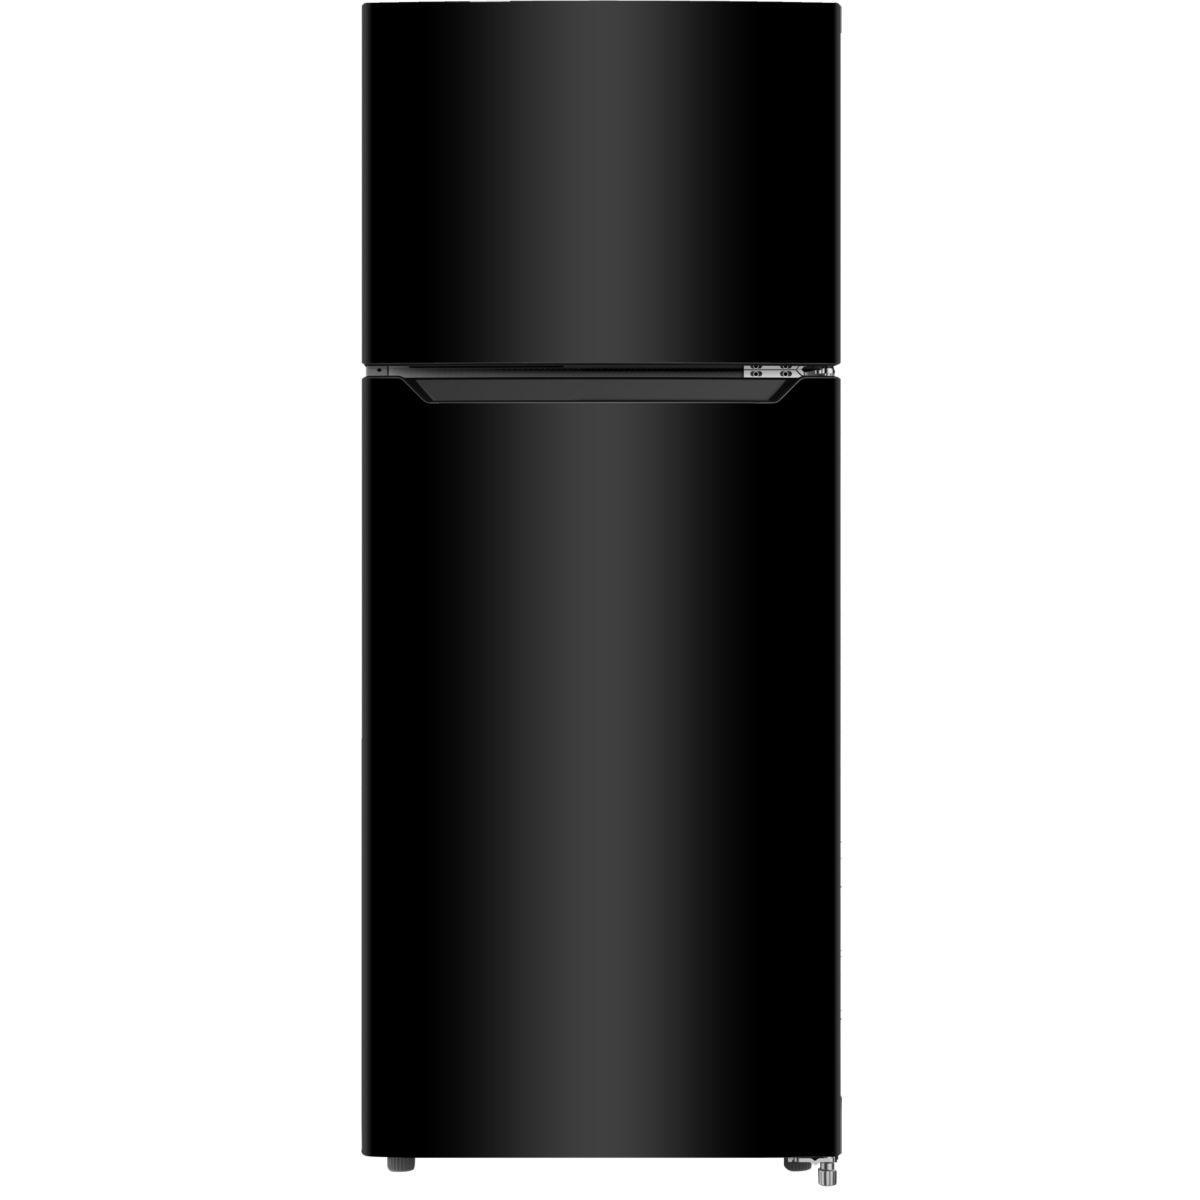 R�frig�rateur 2 portes hisense rt156d4ag1 - livraison offerte : code premium (photo)